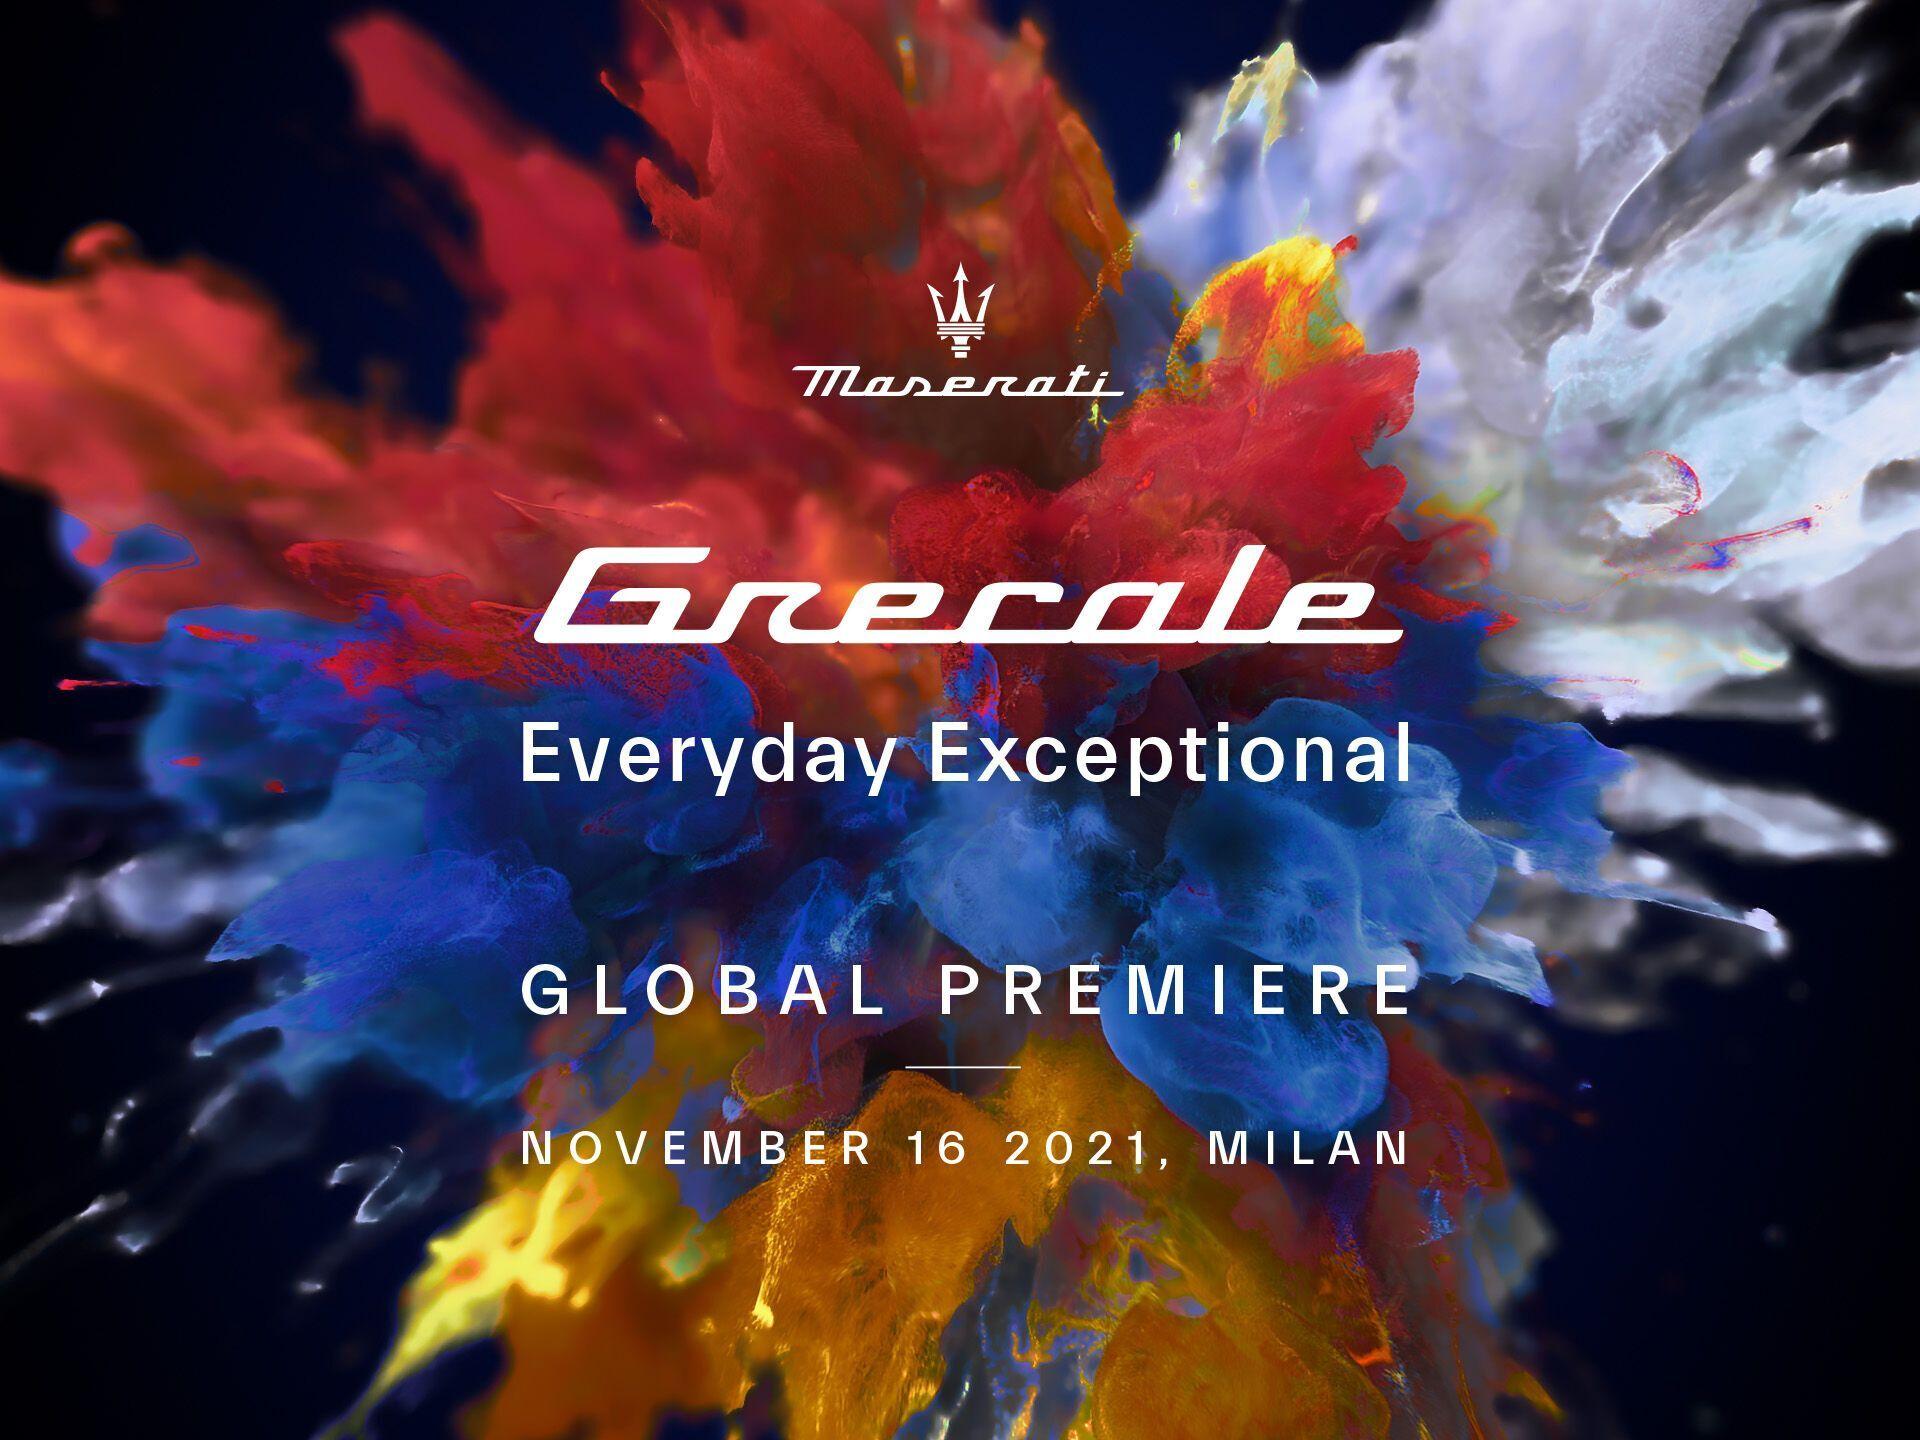 Мировая премьера Grecale состоится в Милане 16 ноября